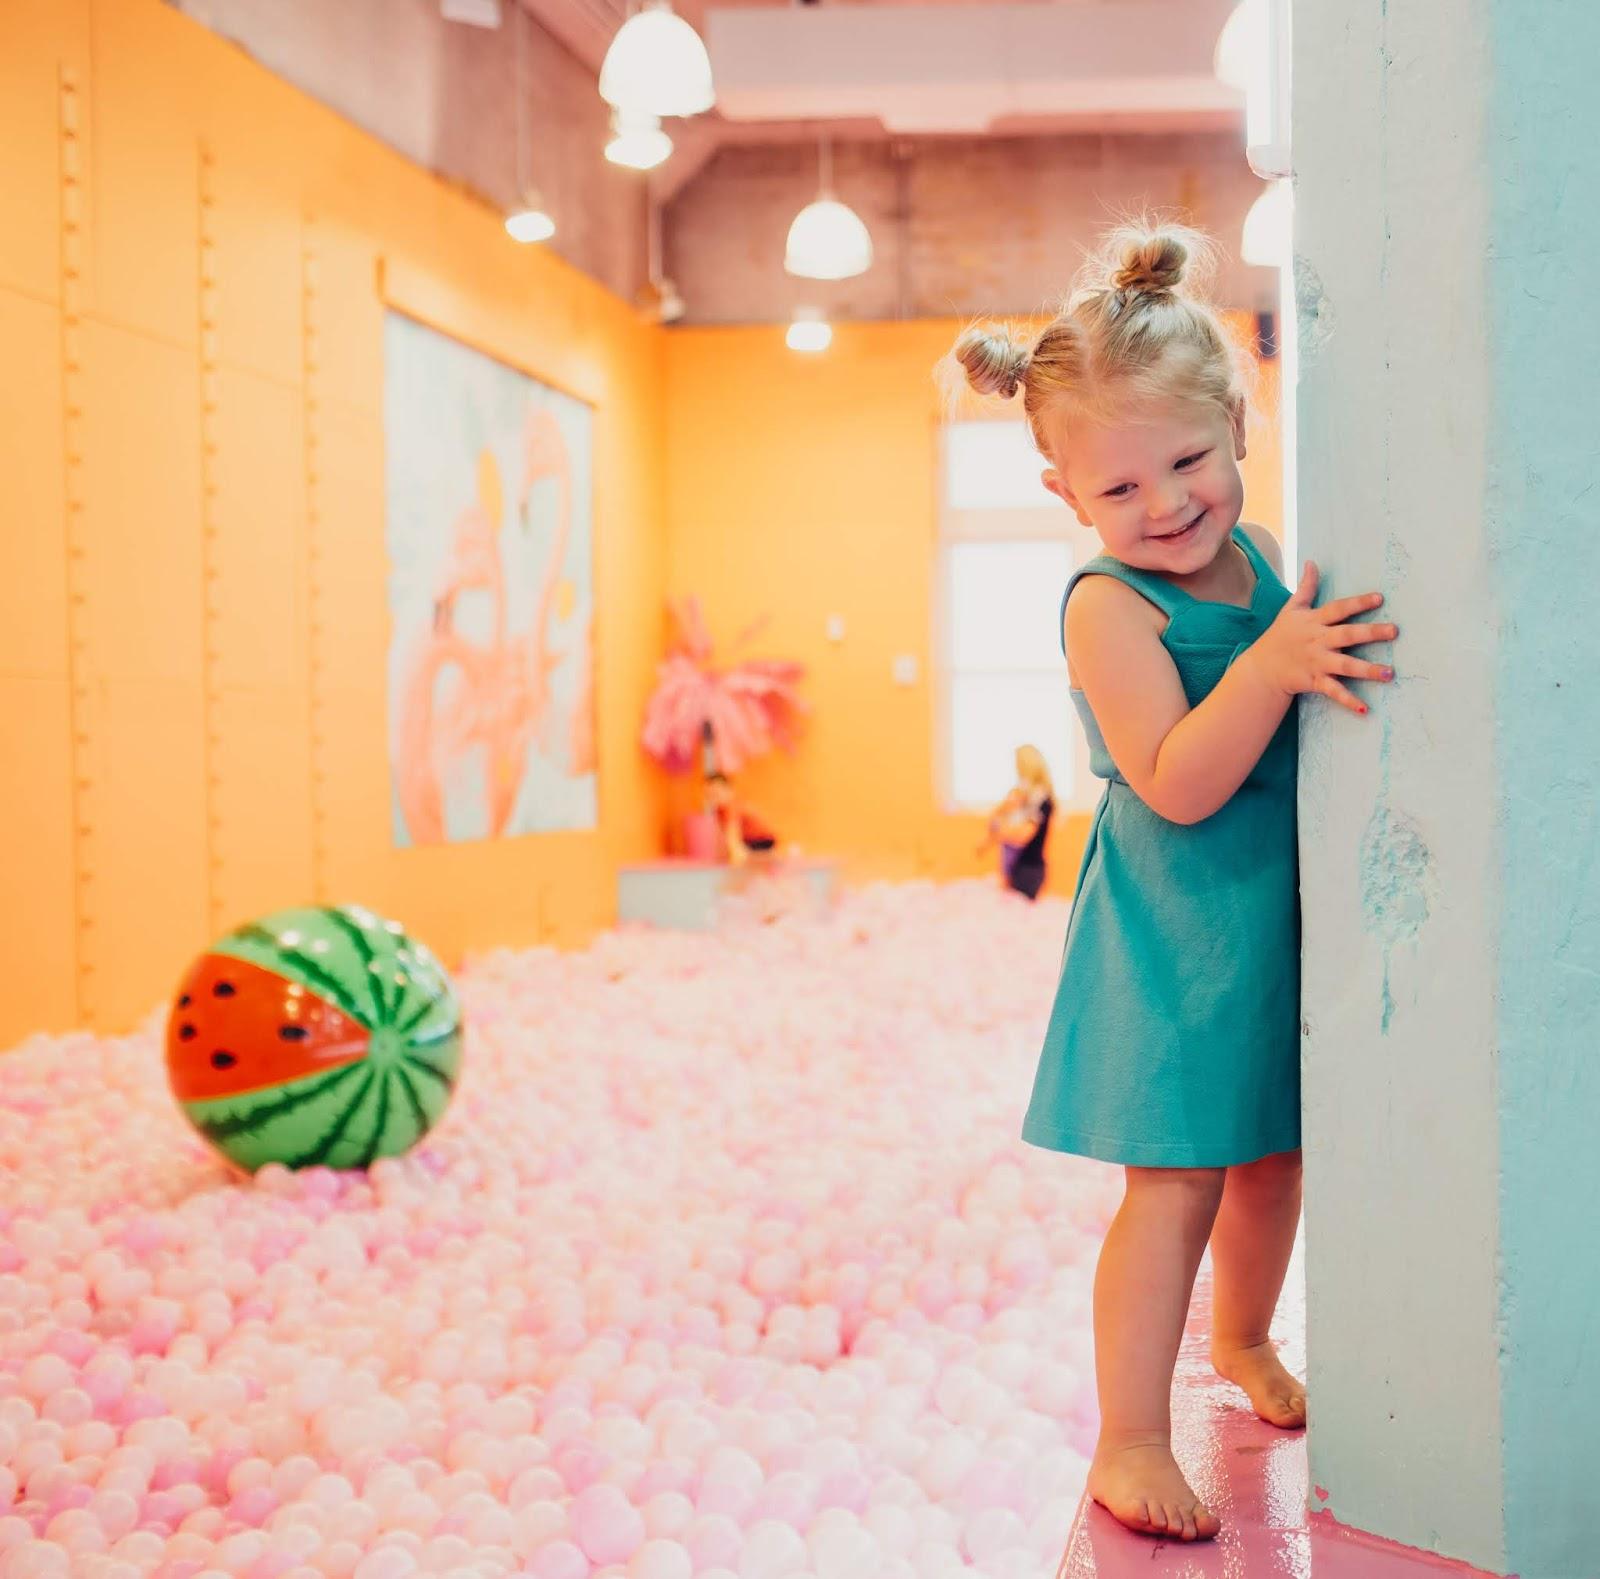 Teal Dress, Toddler Style, Toddler Fashion